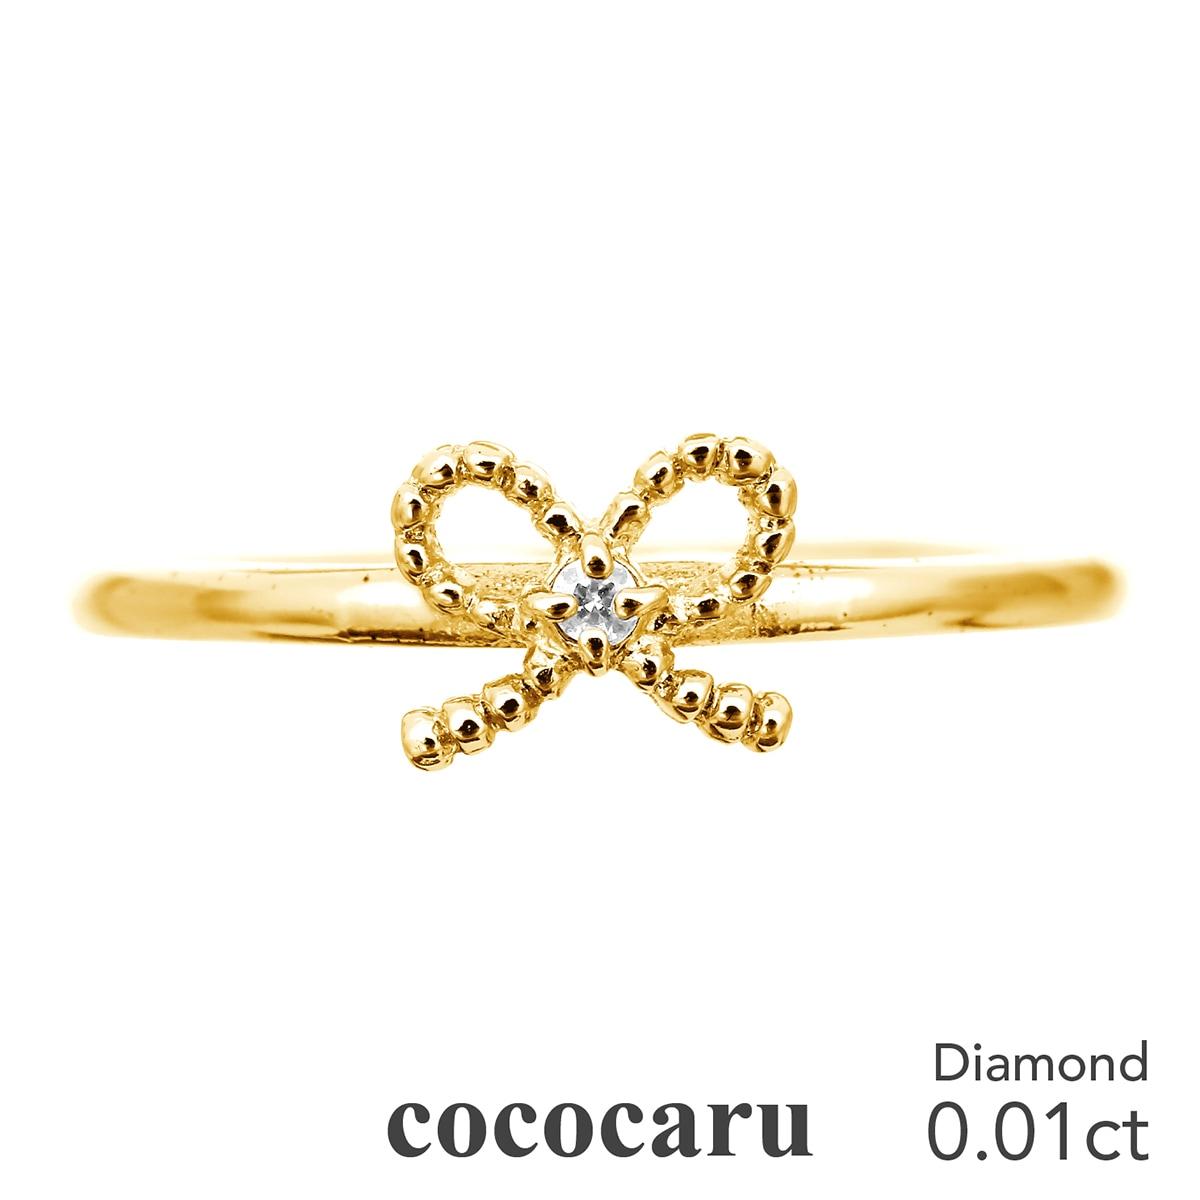 一粒 ダイヤモンド リング k18 イエローゴールド/ホワイトゴールド/ピンクゴールド ファッションリング 品質保証書 金属アレルギー 日本製 誕生日 ギフト